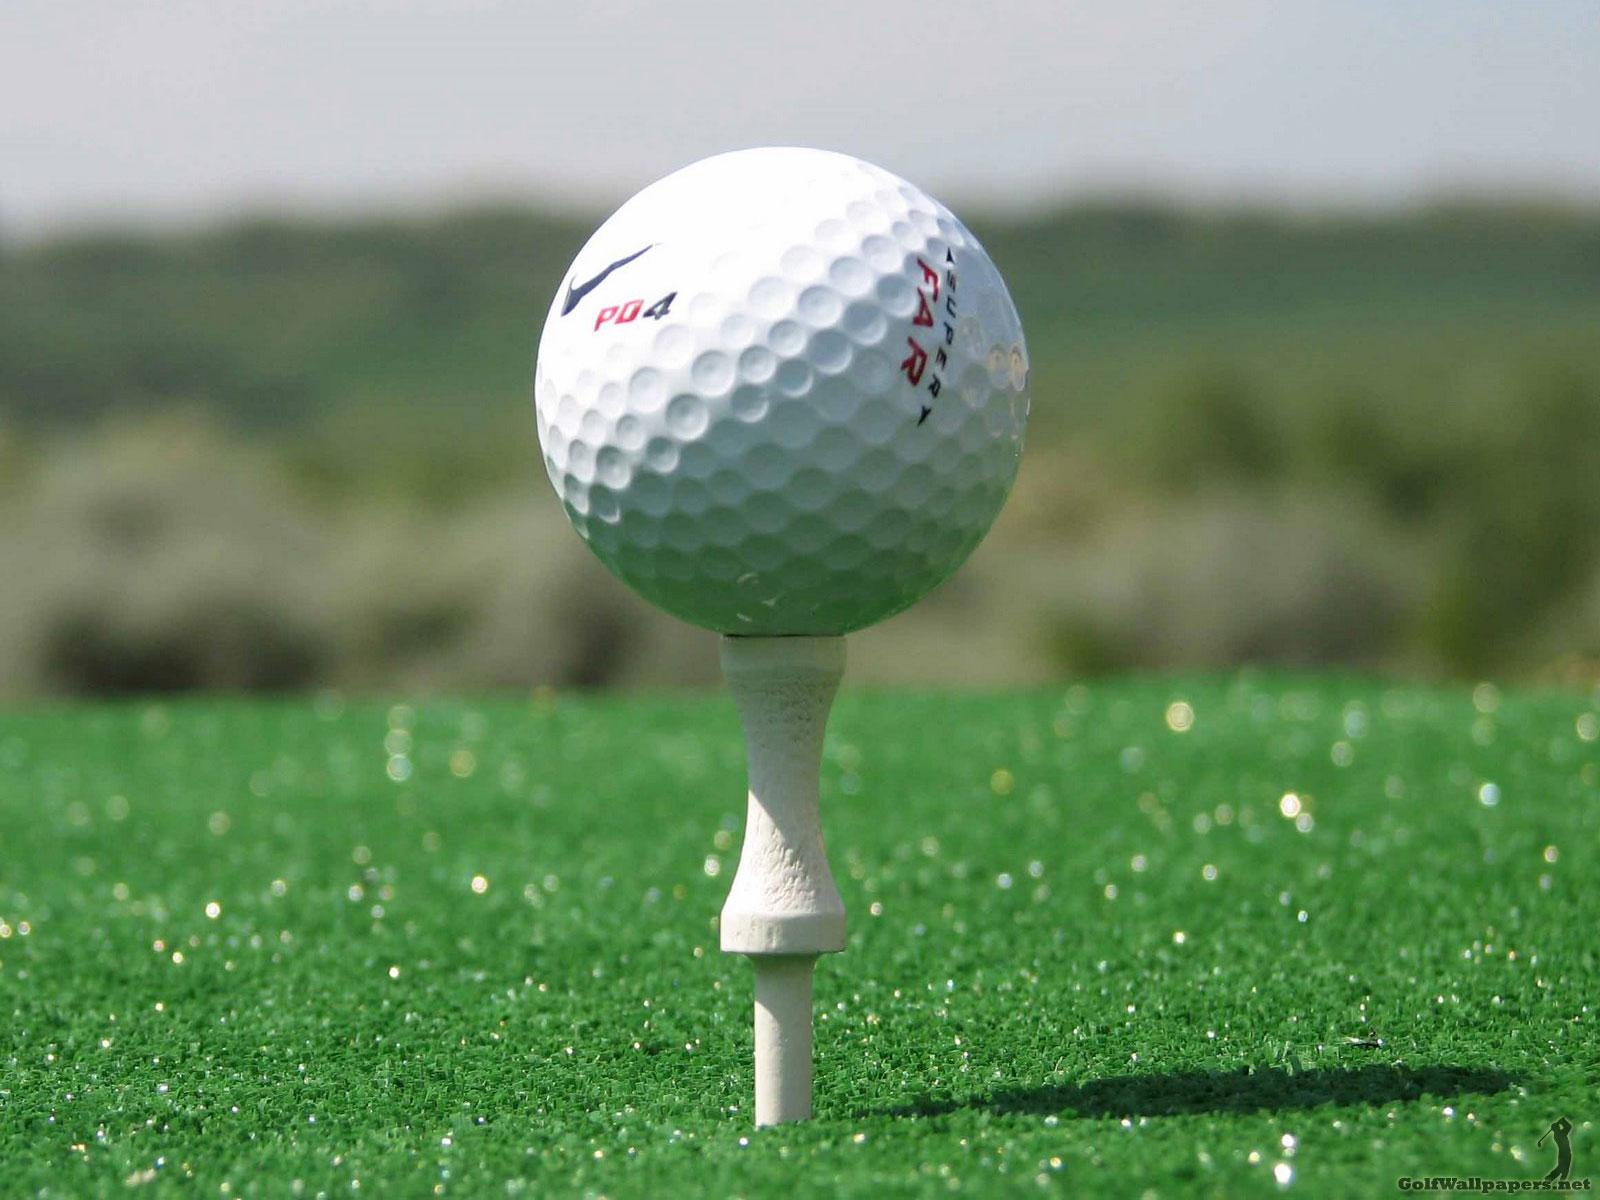 http://1.bp.blogspot.com/-rZXsrJajLrM/TjI0n4ZFwcI/AAAAAAAAFNI/hffZDeRJGTA/s1600/golfball.jpg